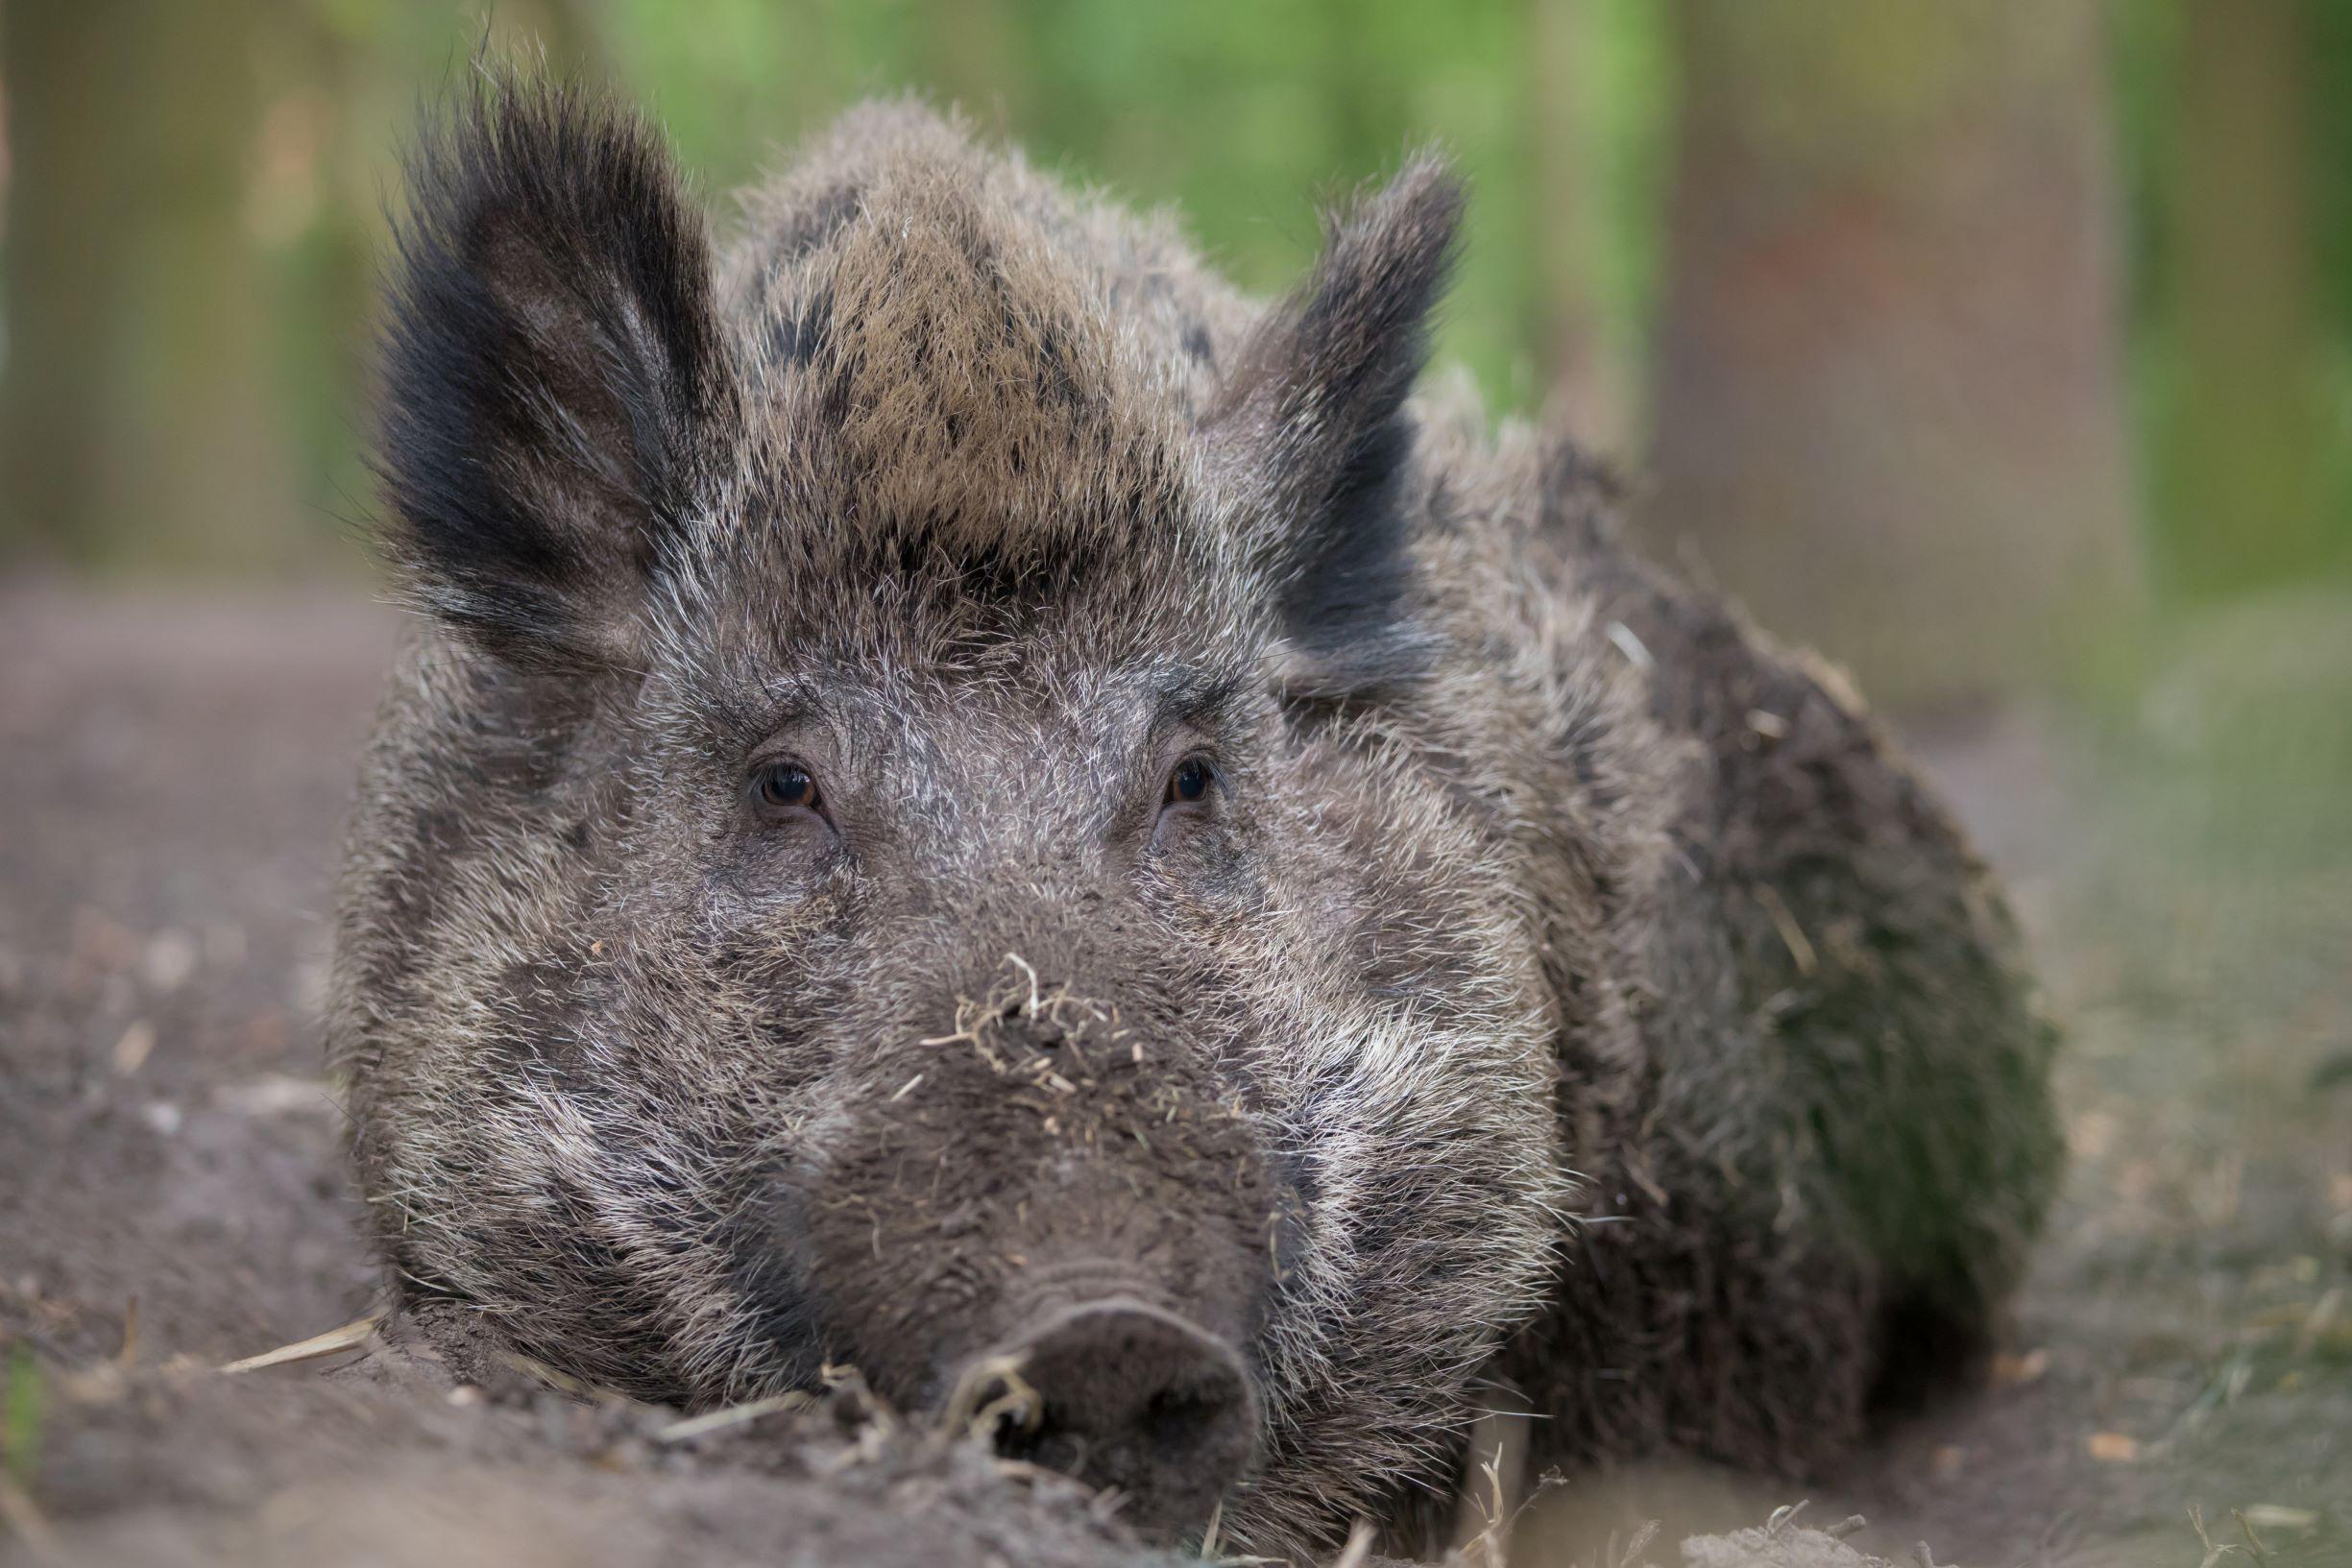 Emely das kluge Wildschwein